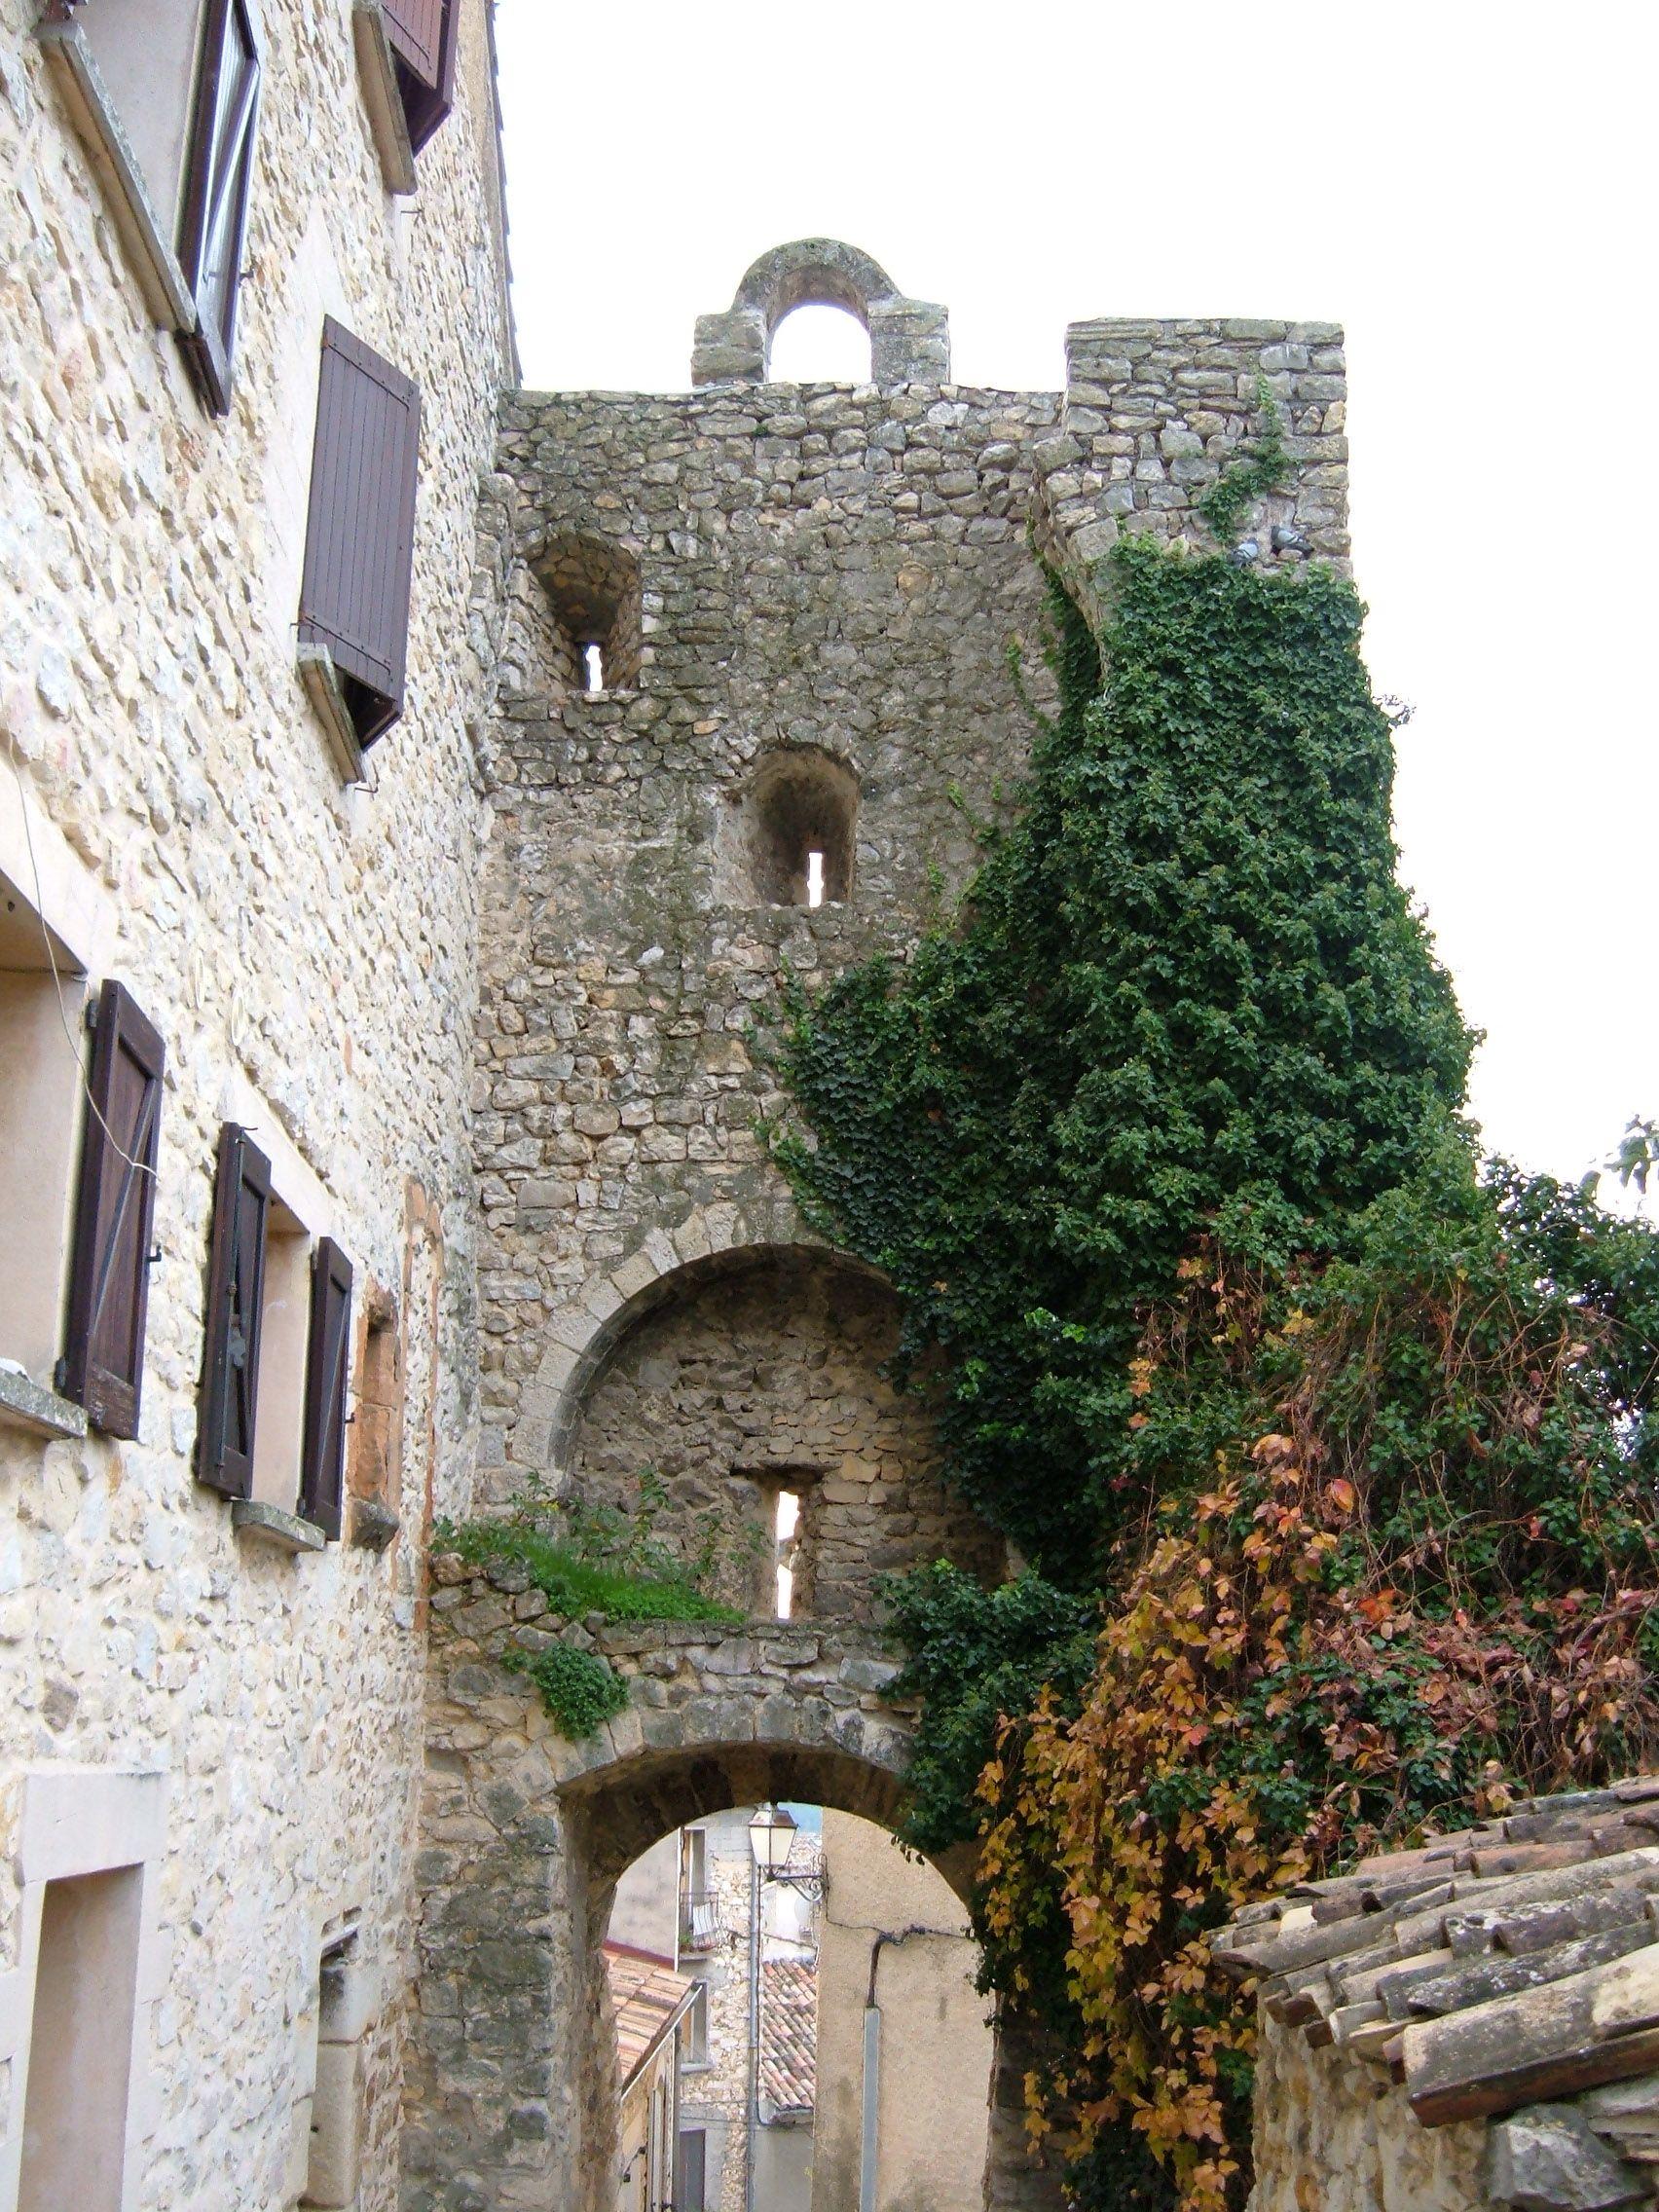 ancienne tour d 39 enceinte en pierre porte d 39 un village dans le verdon et v g tation meutri res. Black Bedroom Furniture Sets. Home Design Ideas